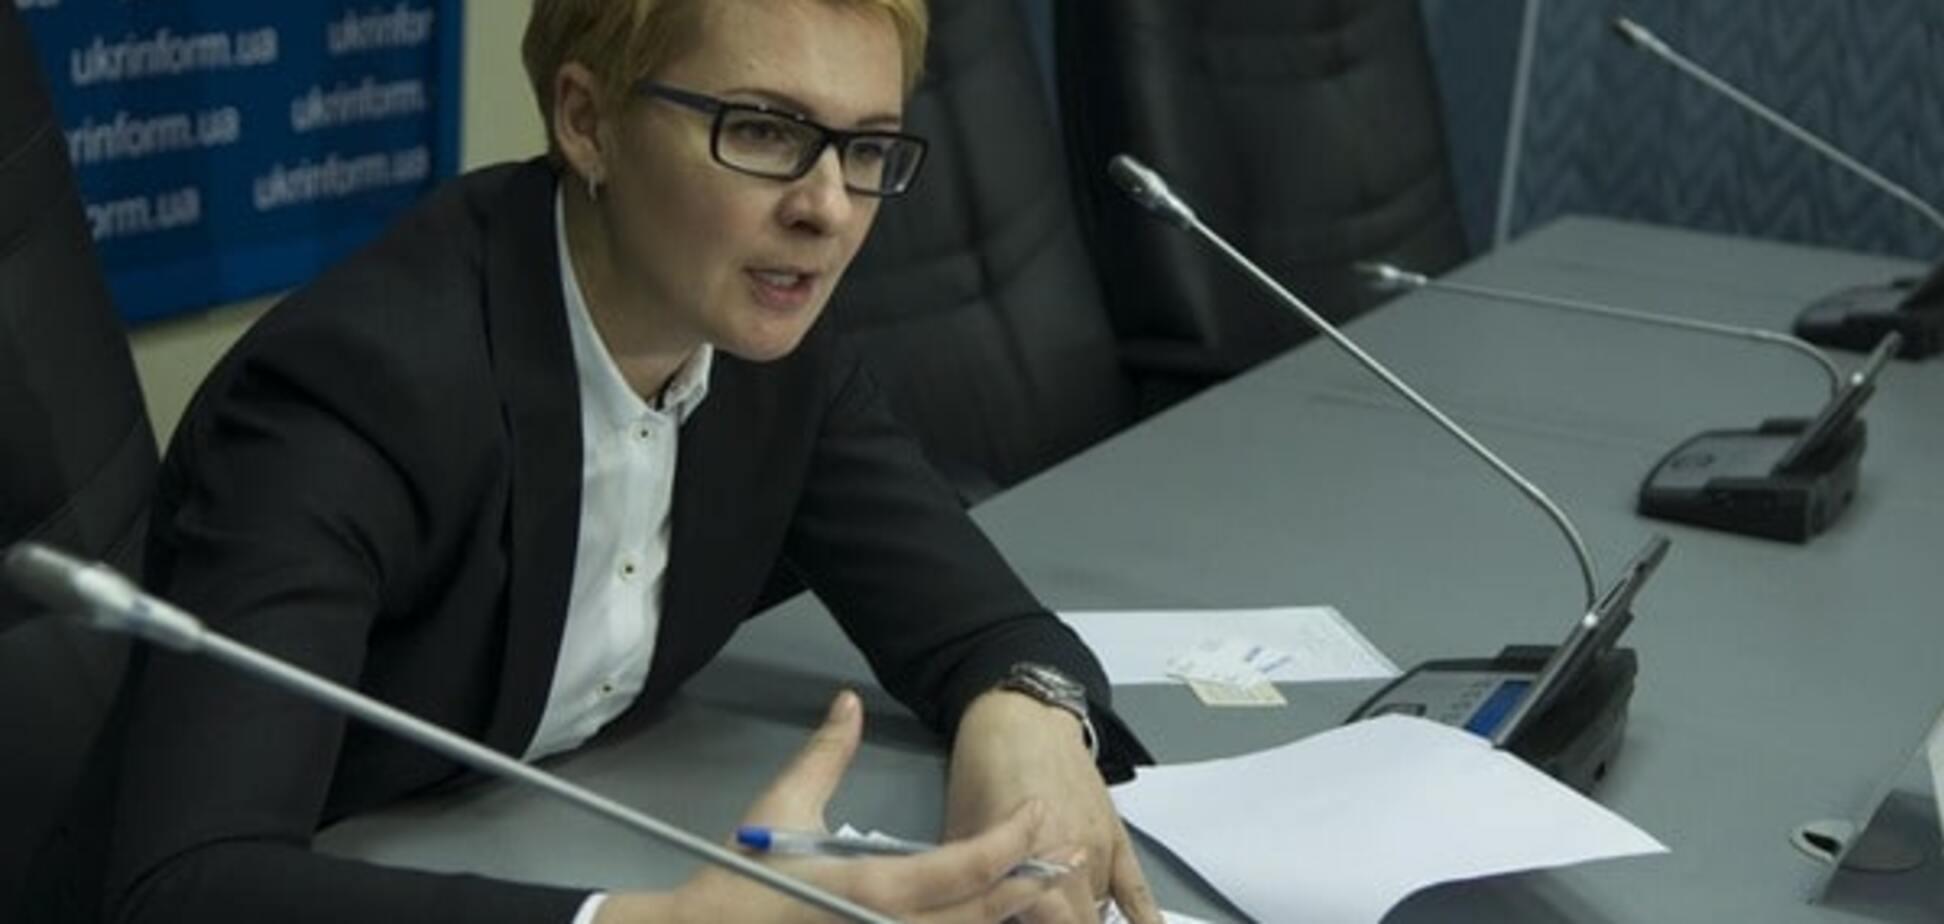 Фільтр на корупціонерів: в Департаменті люстрації похвалилися успіхами в очищенні влади